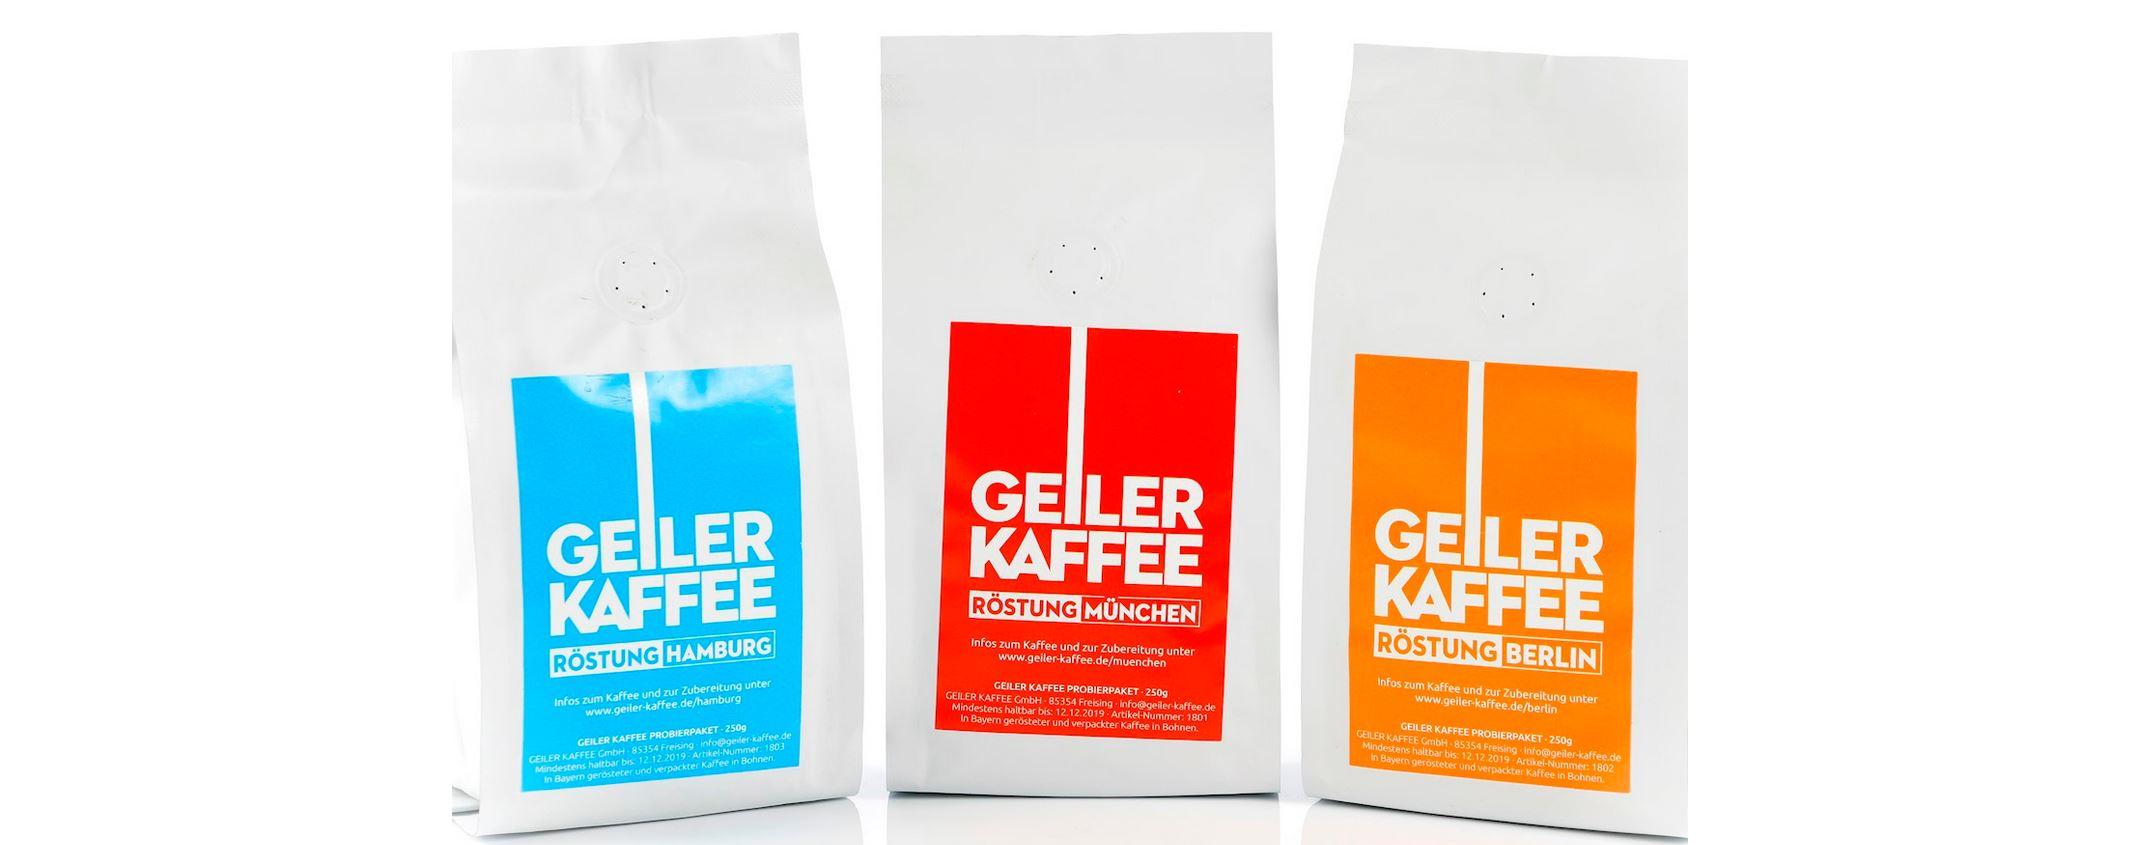 Geiler-Kaffee_Gruppe250g